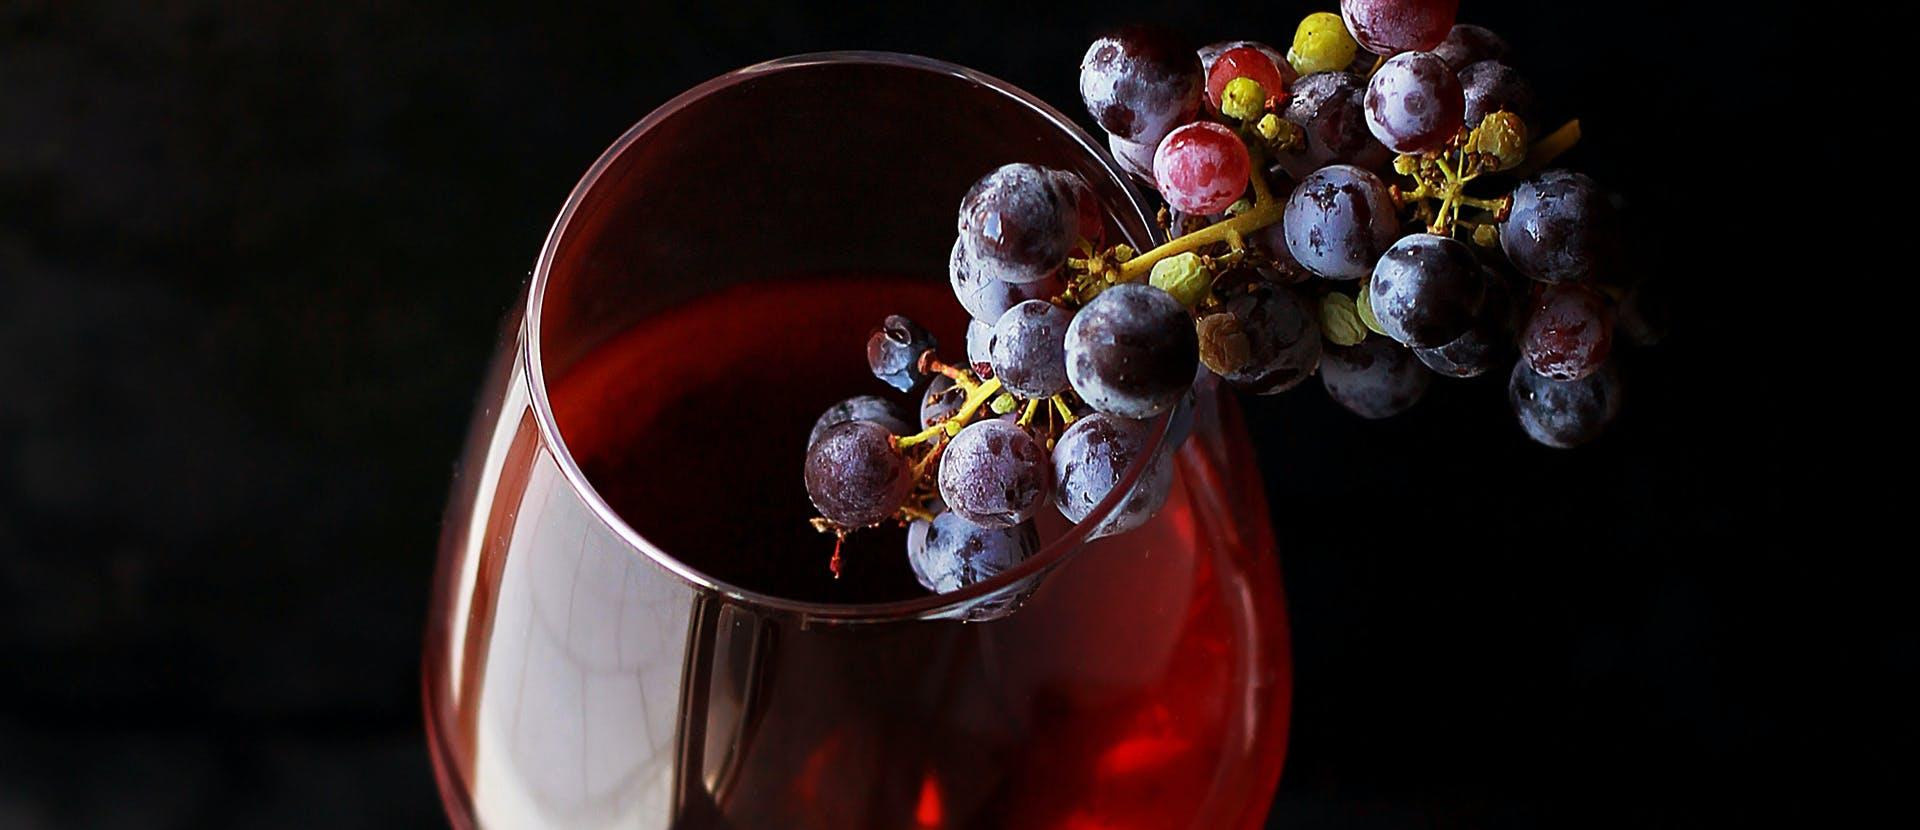 Perchè fa bene bere il vino rosso tutti gli usi e i benefici - L'Officiel Italia